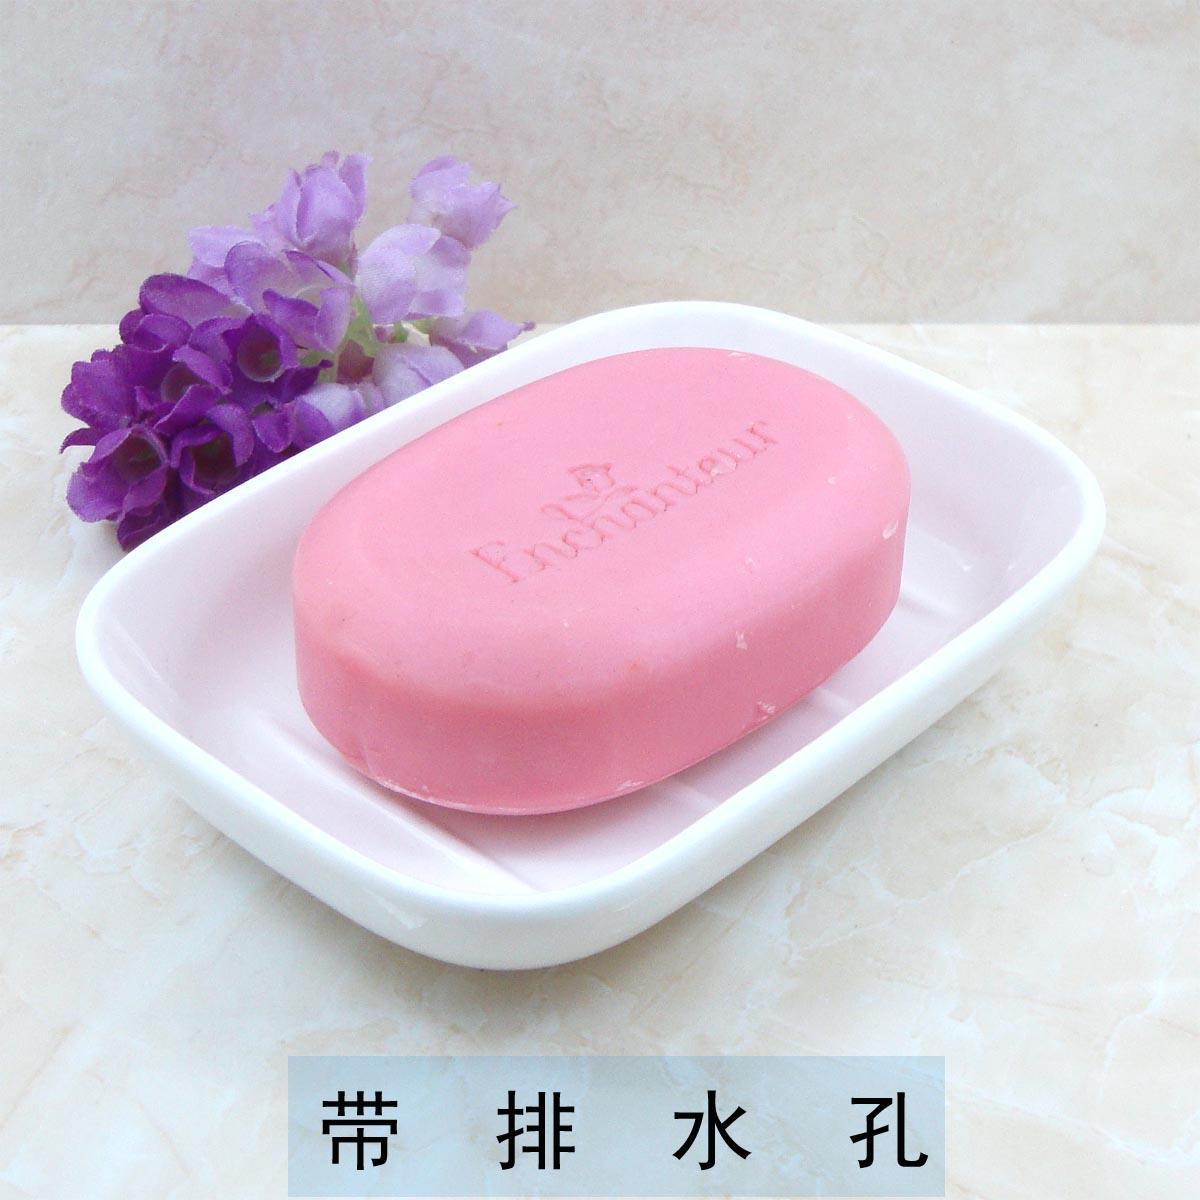 Керамика туалетное мыло блюдо мыло картридж дренаж отверстие ручной работы мыло блюдо высококачественный мыло блюдо отели мыло блюдо коробка популярность разлетаться, как горячие пирожки специальный